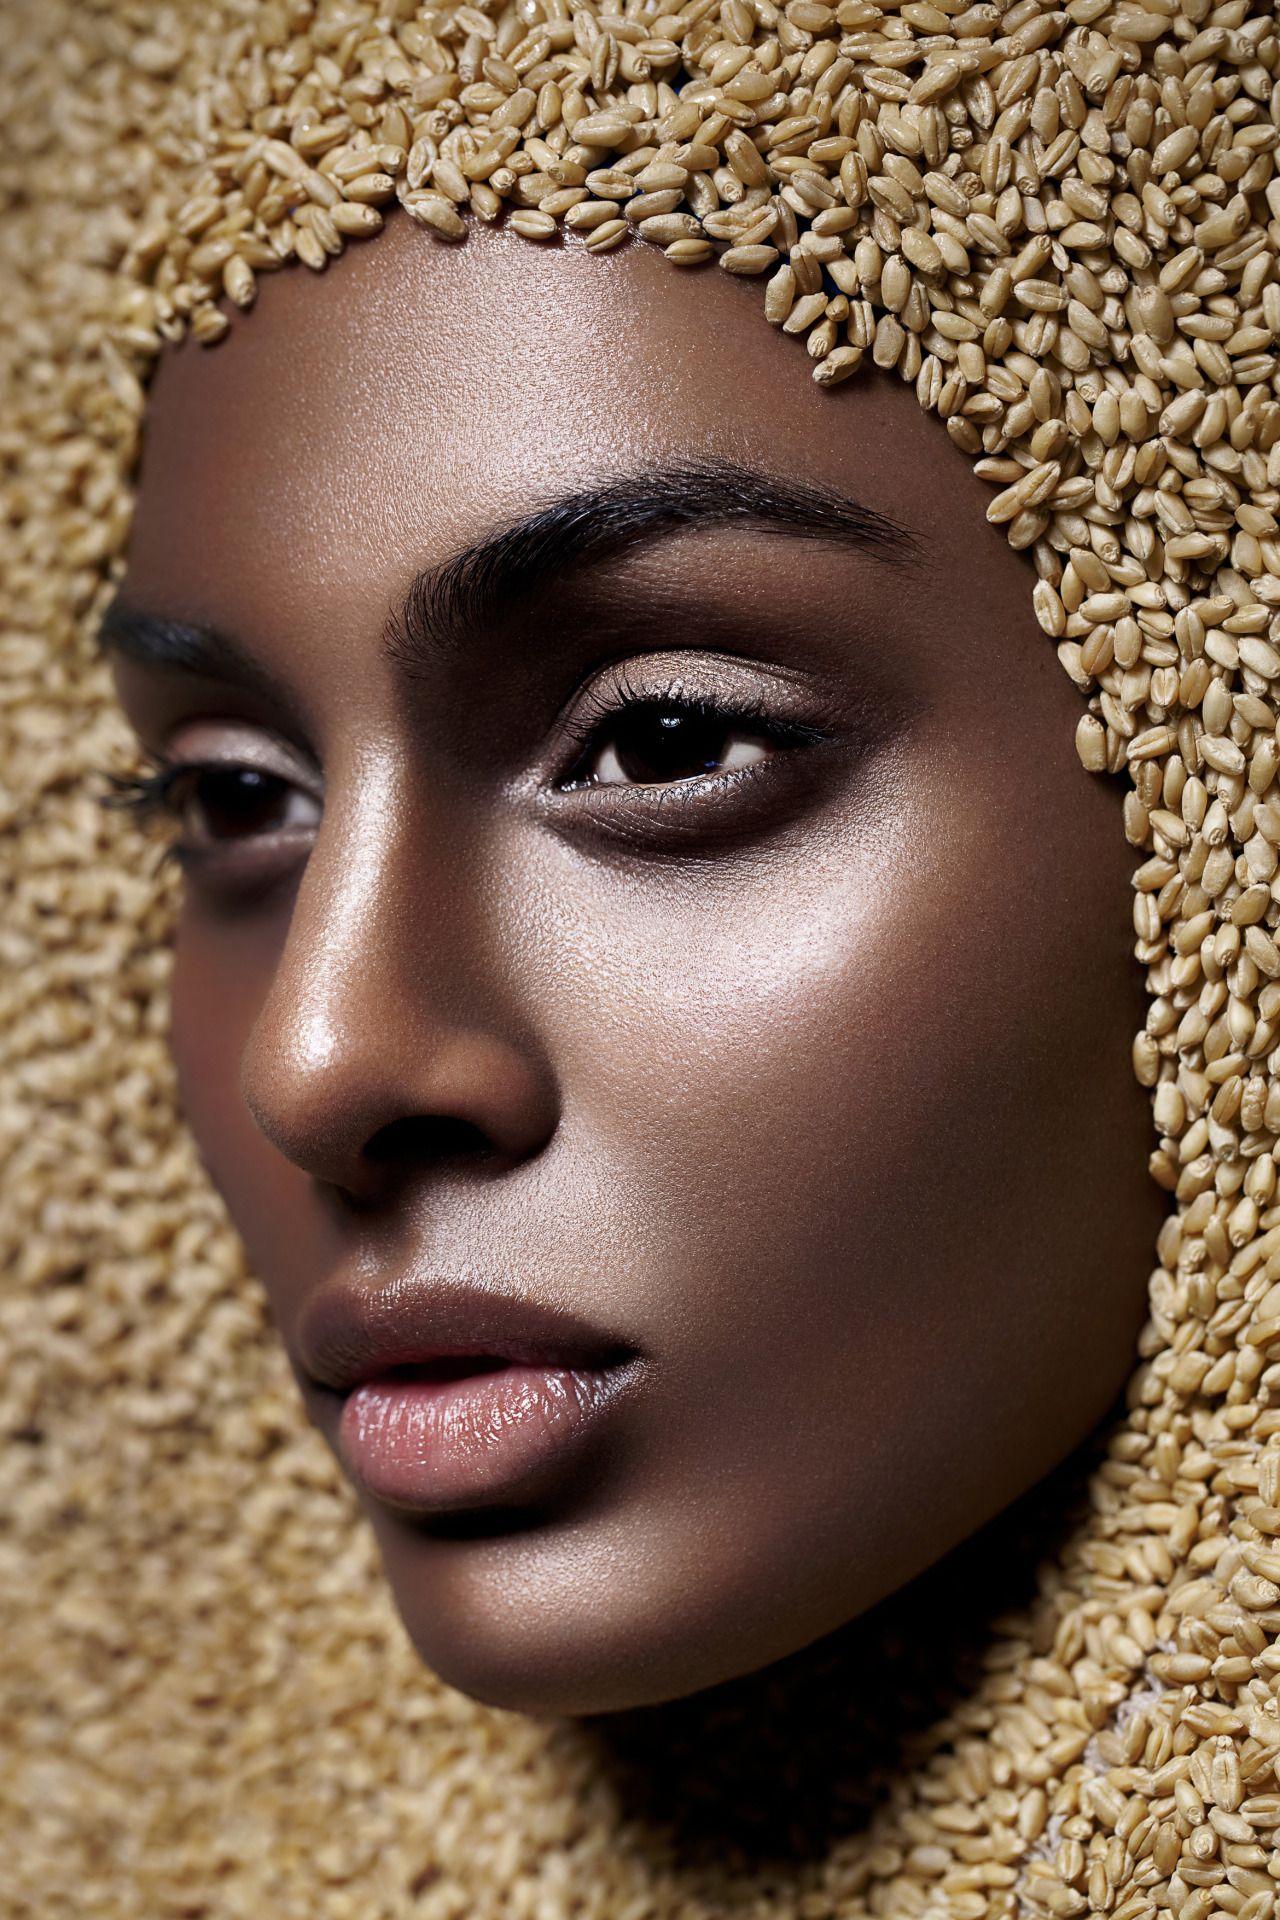 continentcreative Beauty first, Lipstick style, Beauty